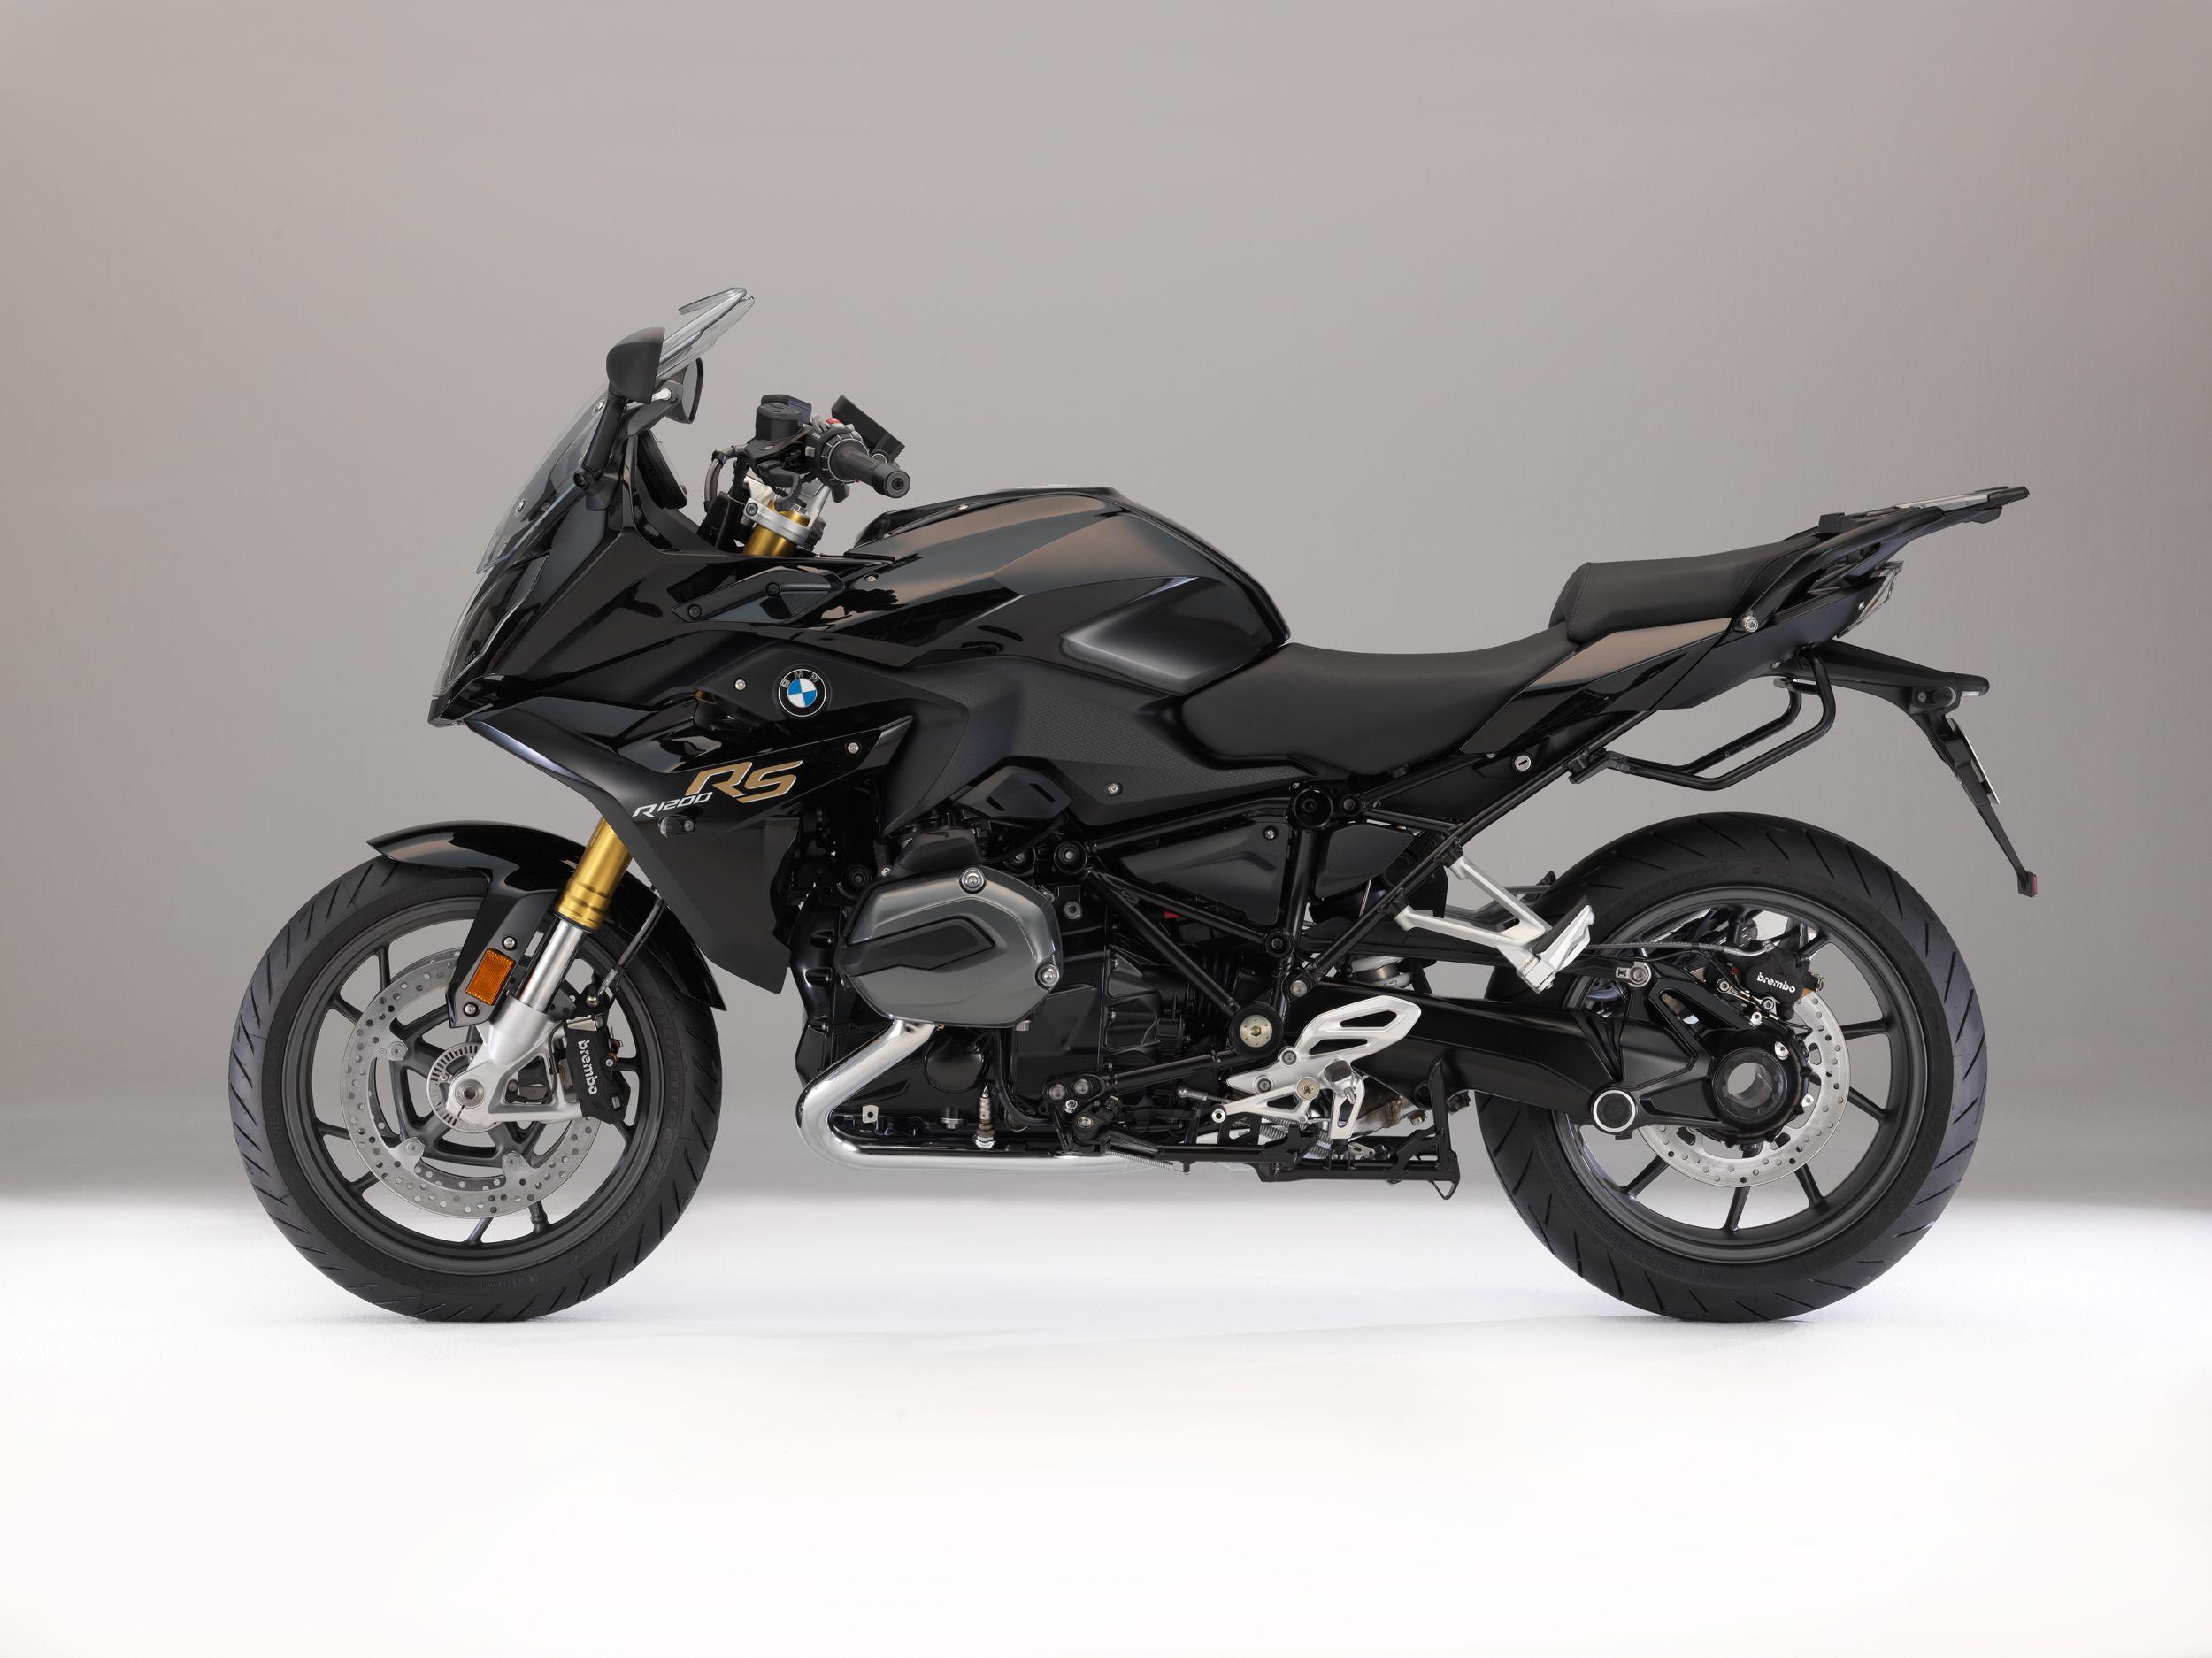 Gebrauchte Bmw R 1200 Rs Motorr 228 Der Kaufen